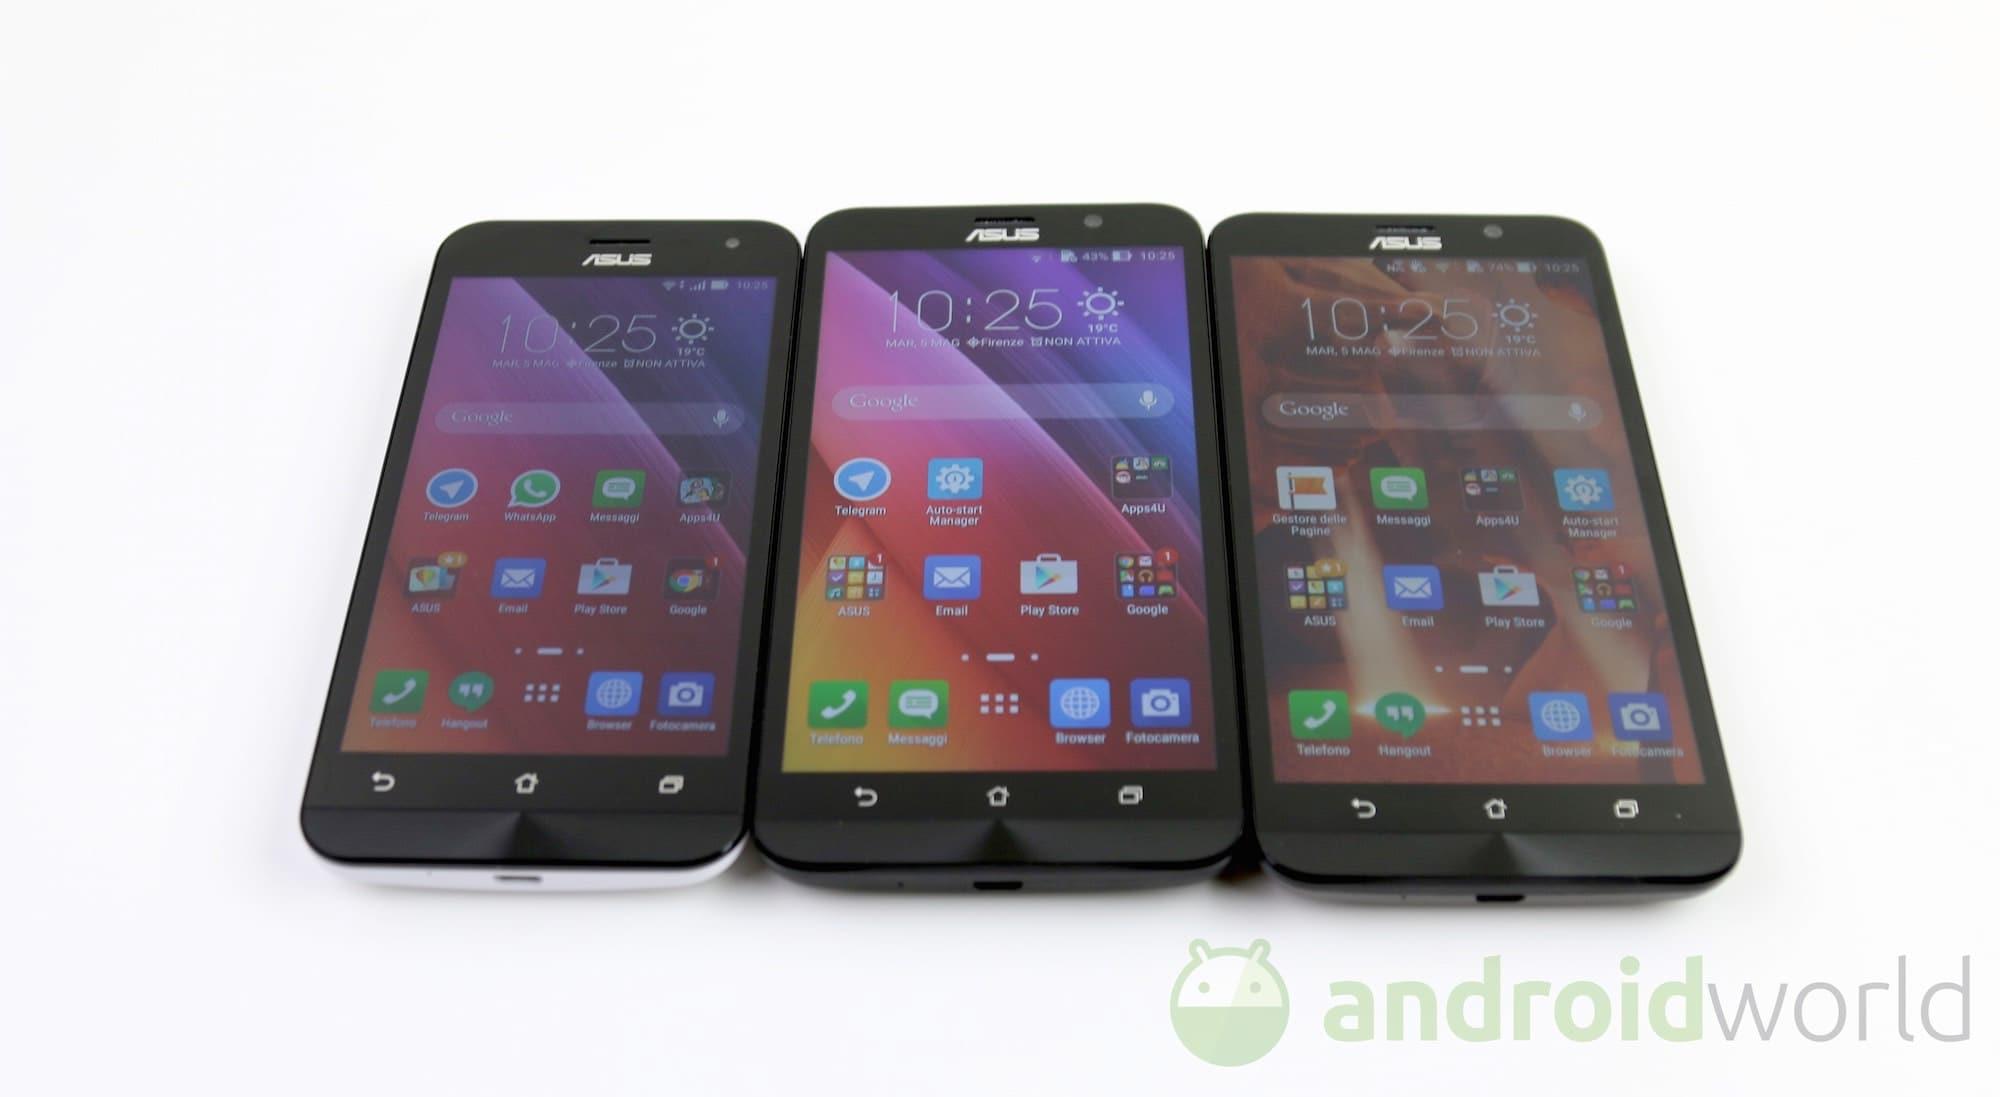 ASUS ZenFone 2 Ricevera Android 511 Prima Di Marshmallow